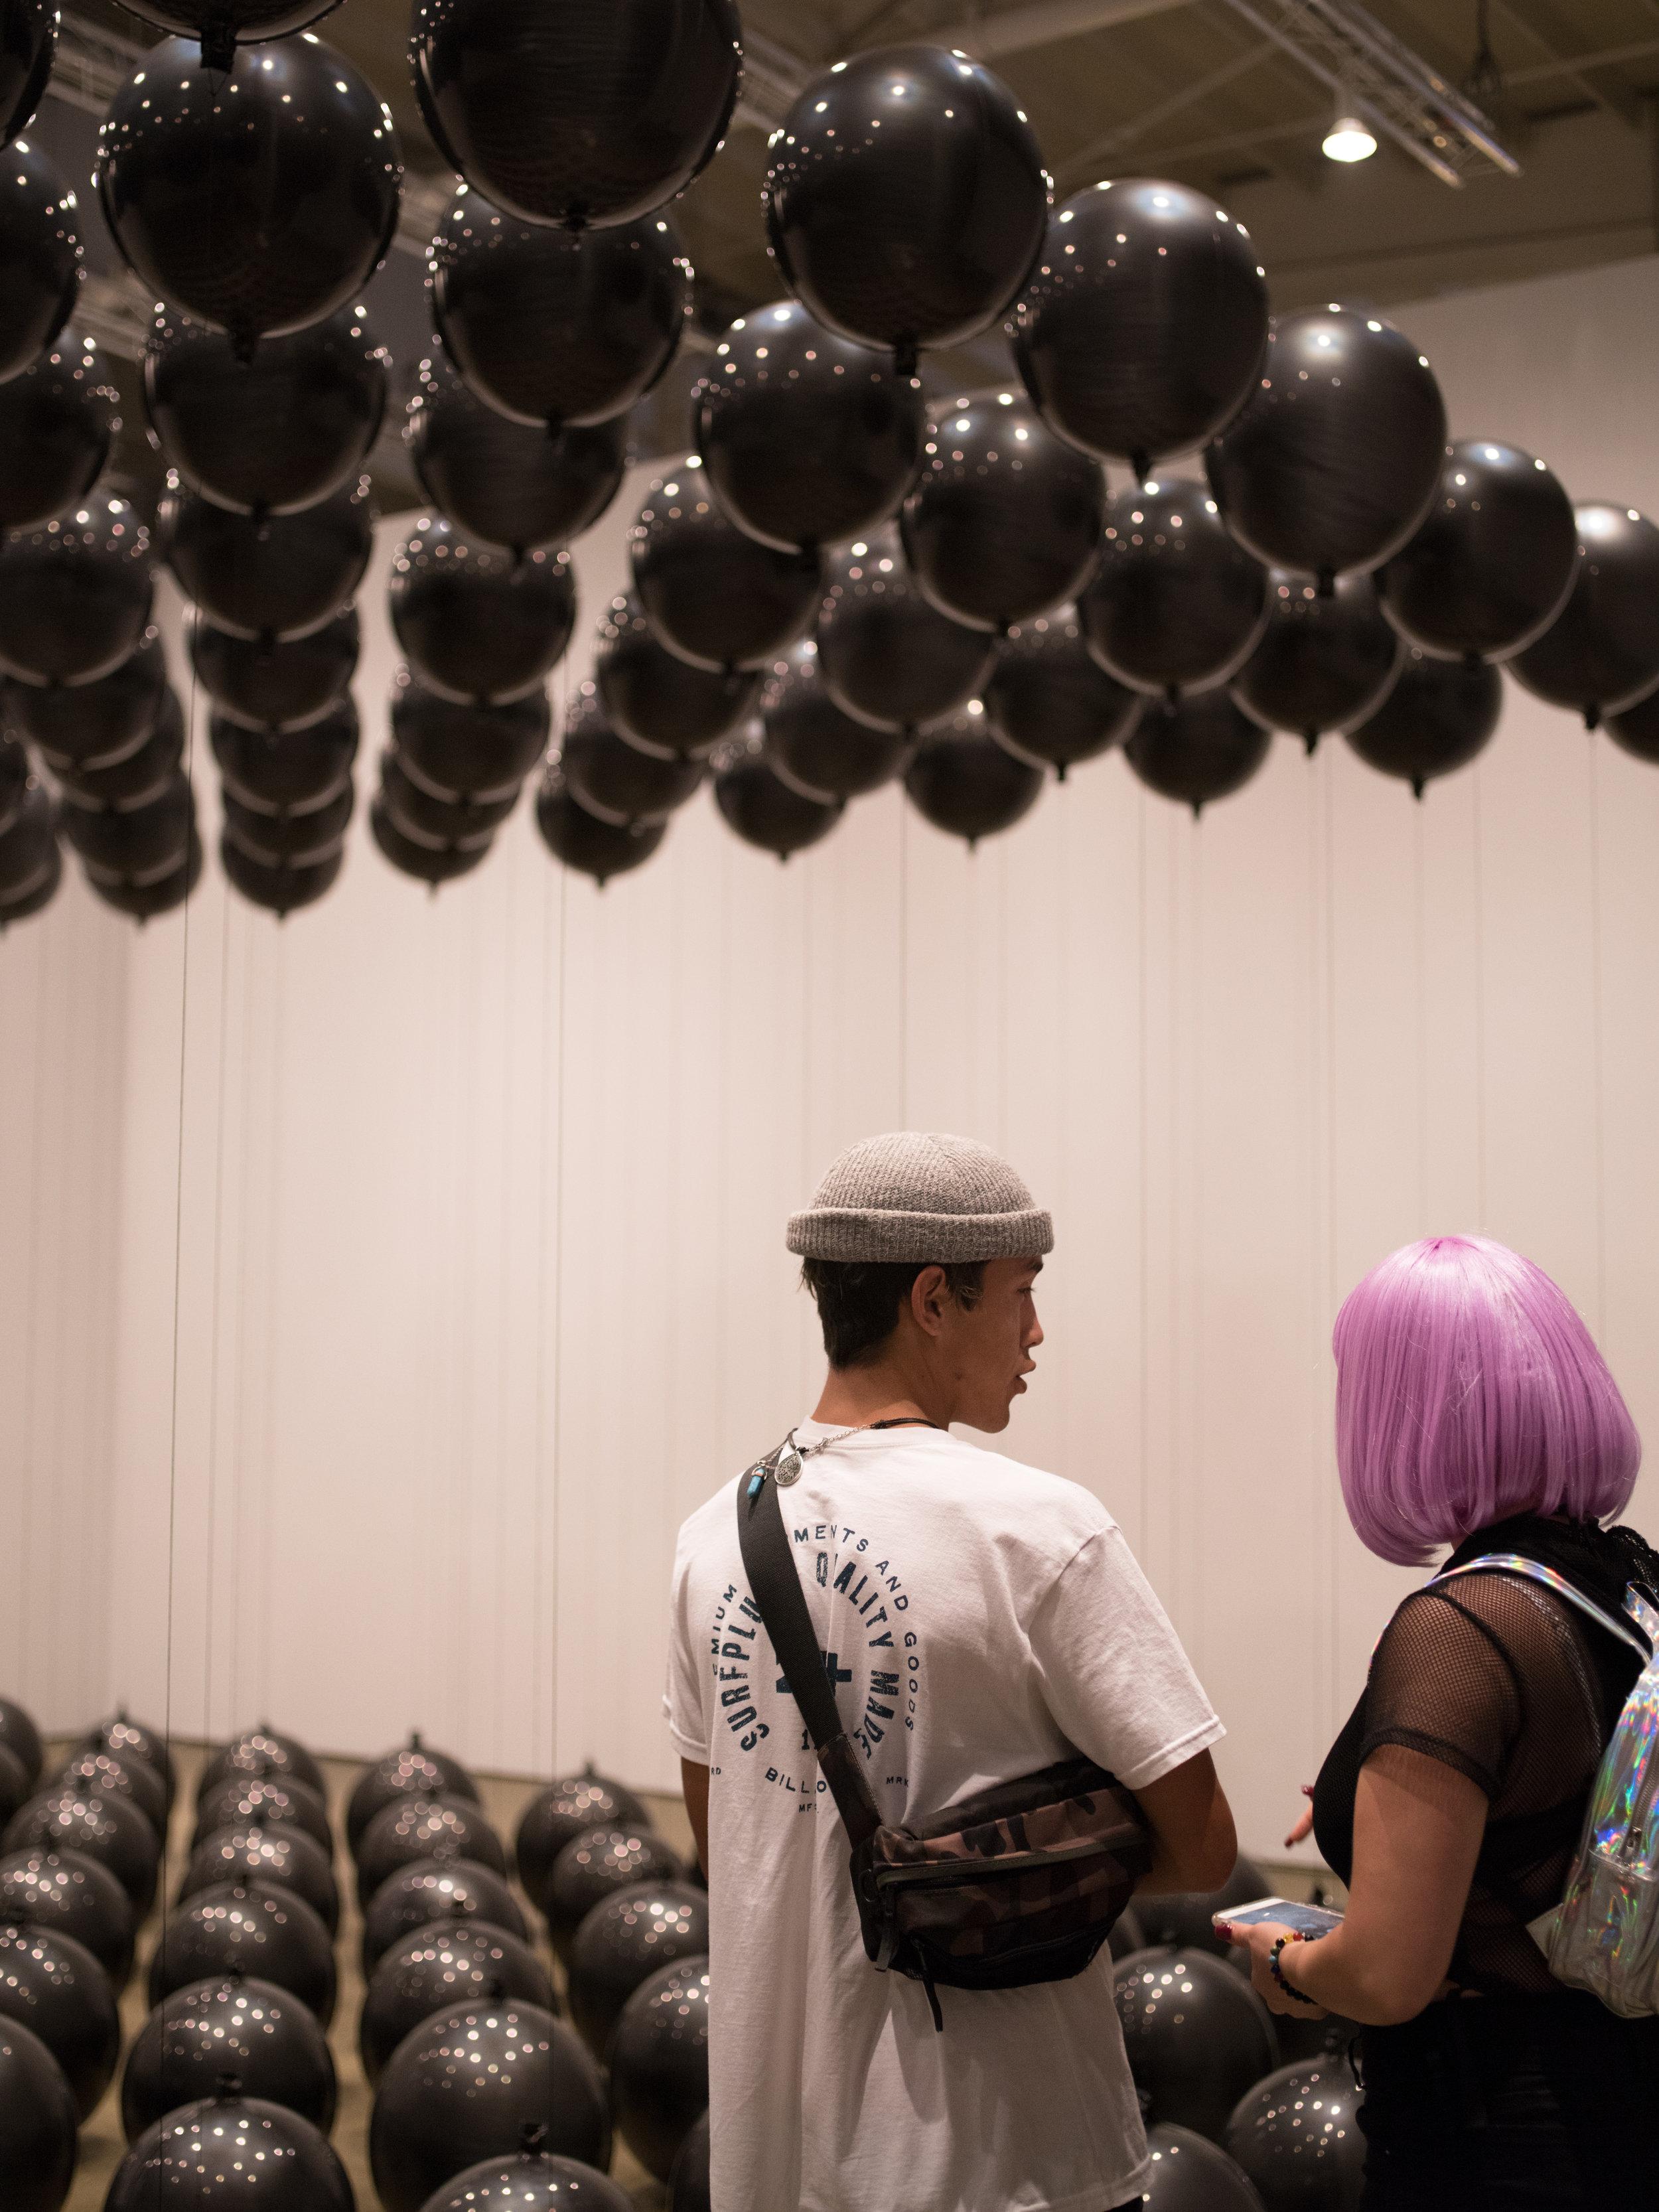 Anne_Vetter_Black_Balloons 4 (3).jpg